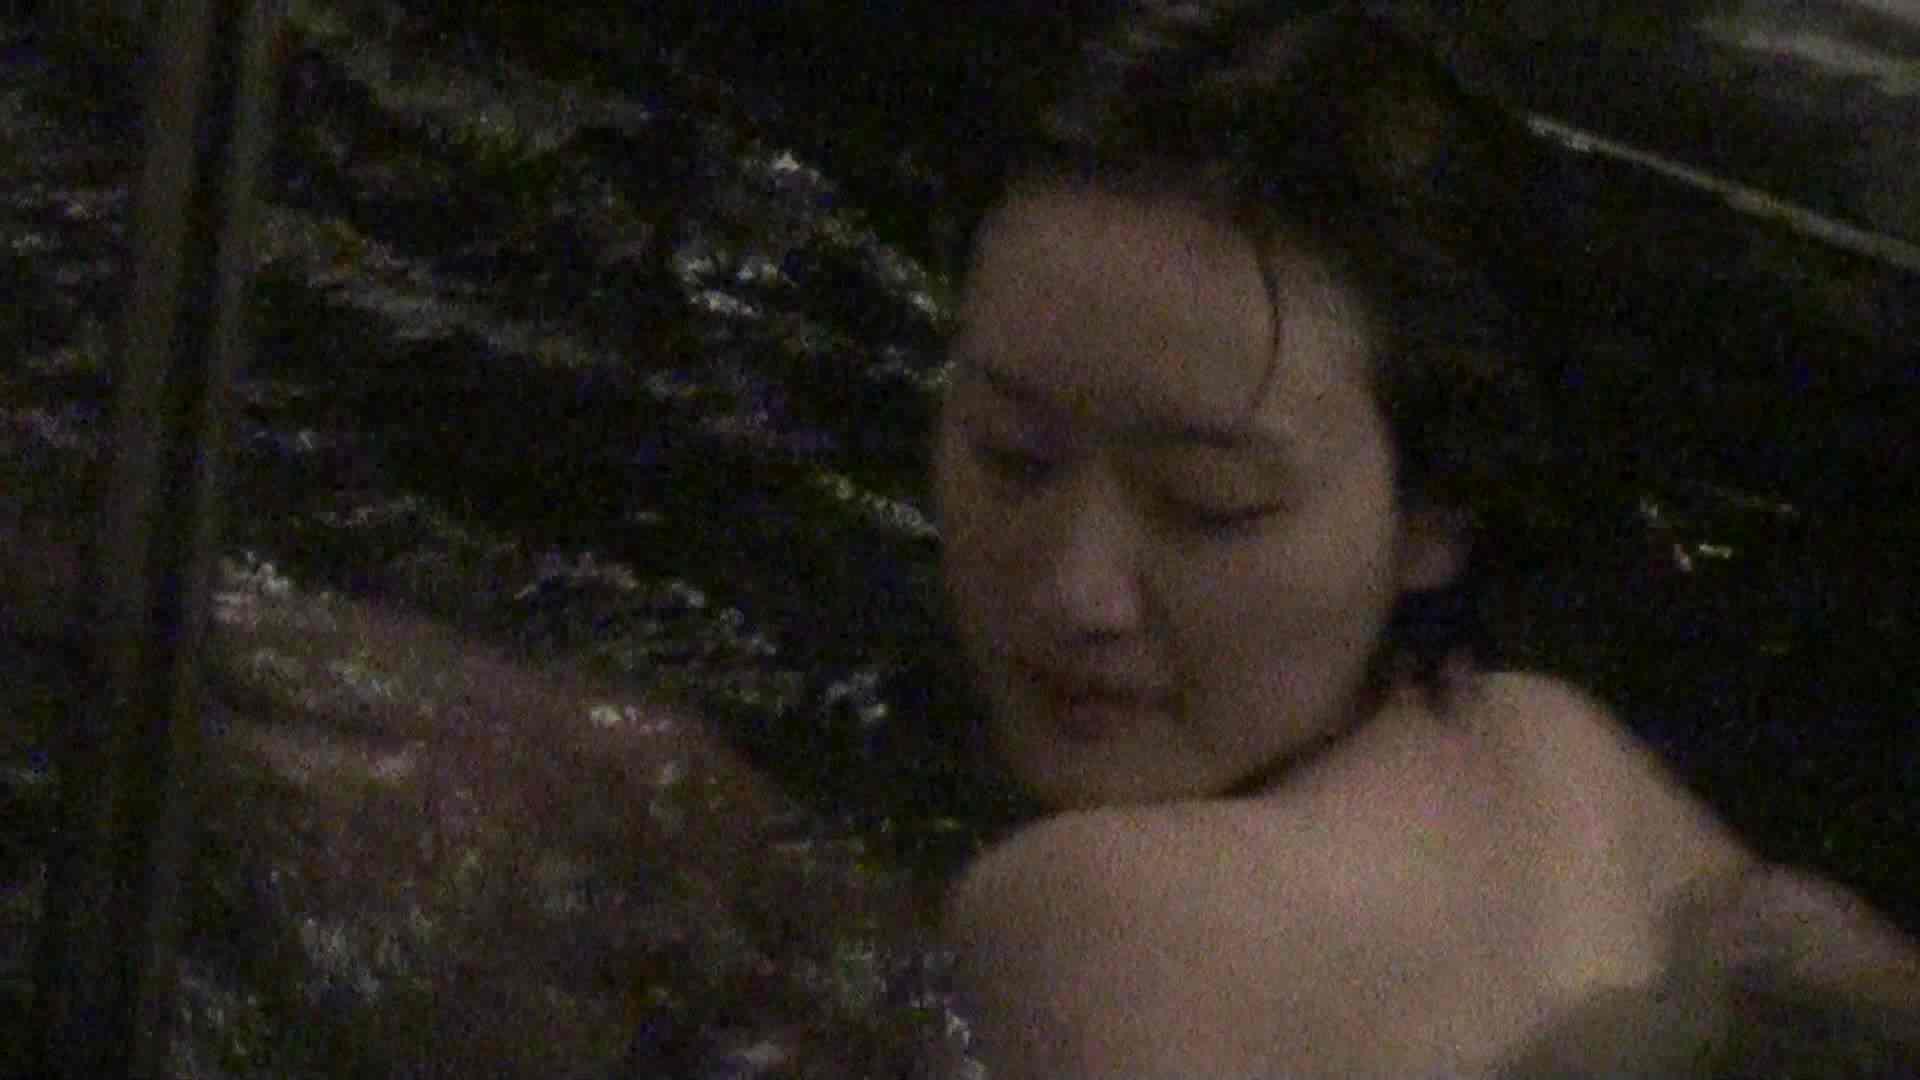 Aquaな露天風呂Vol.334 露天風呂  9枚 2